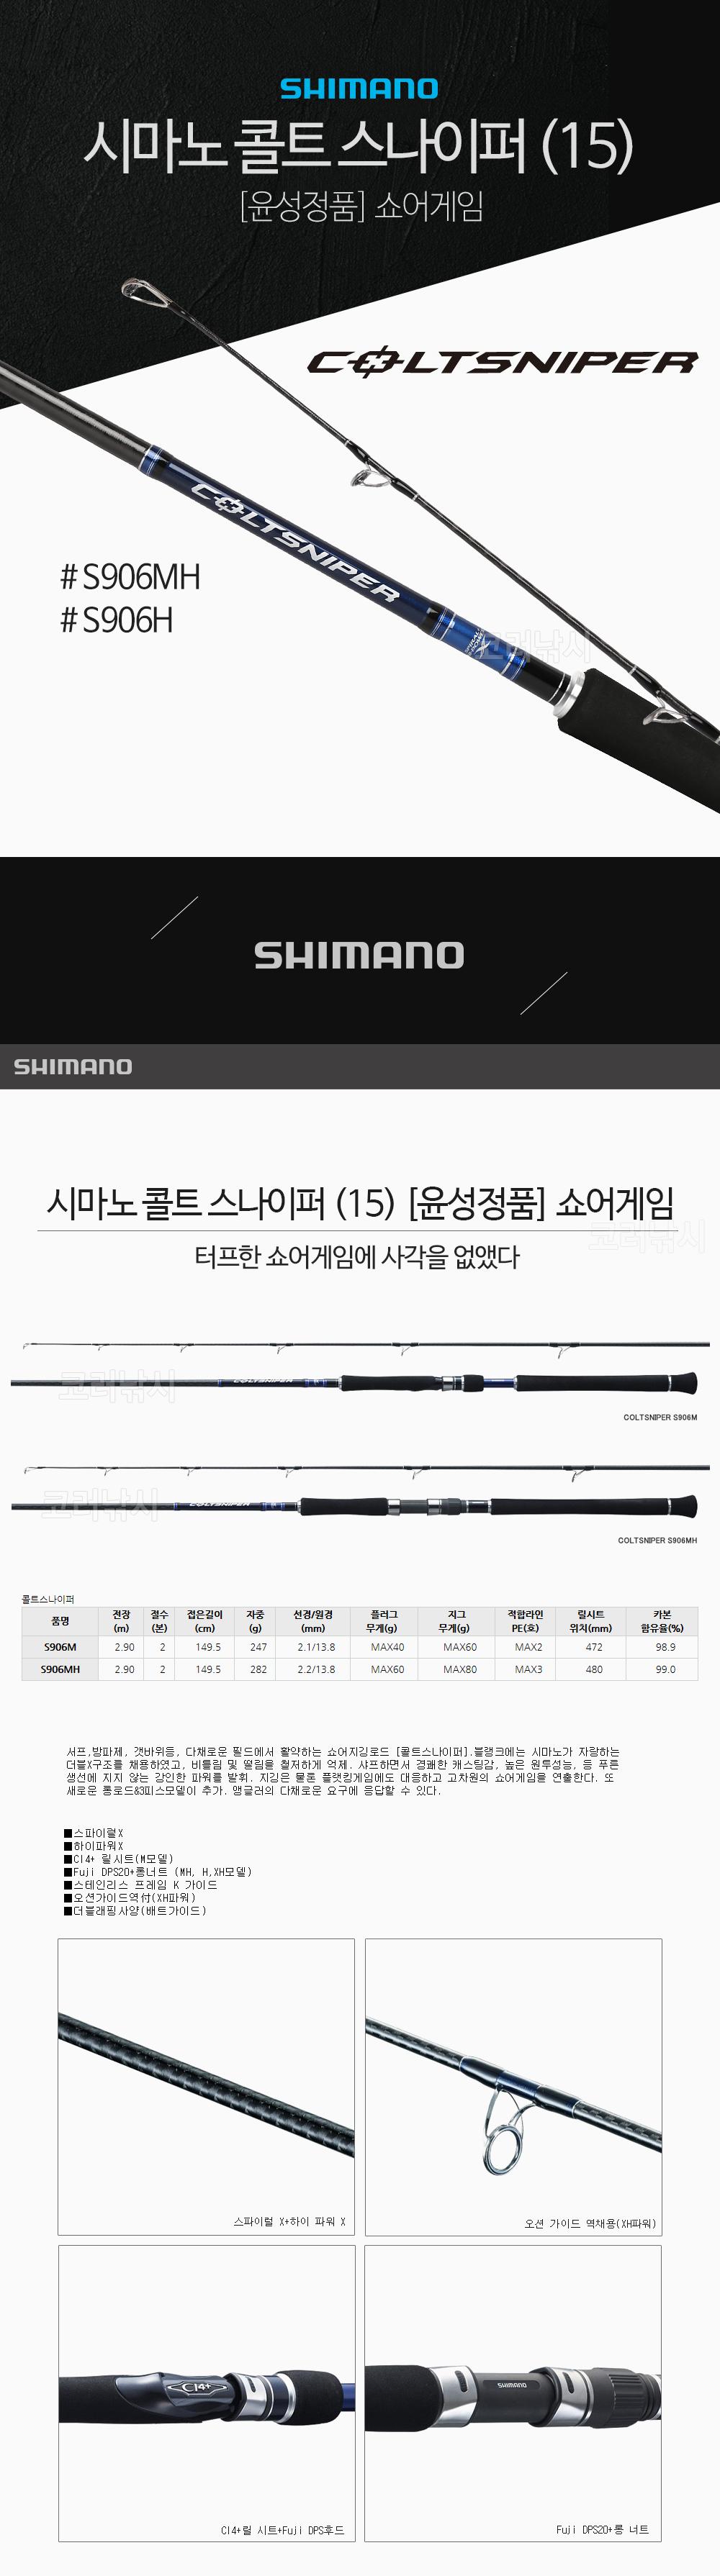 시마노 콜트 스나이퍼 (15) [윤성정품] 쇼어게임 콜트스타이퍼 쇼어지깅 삼치 부시리